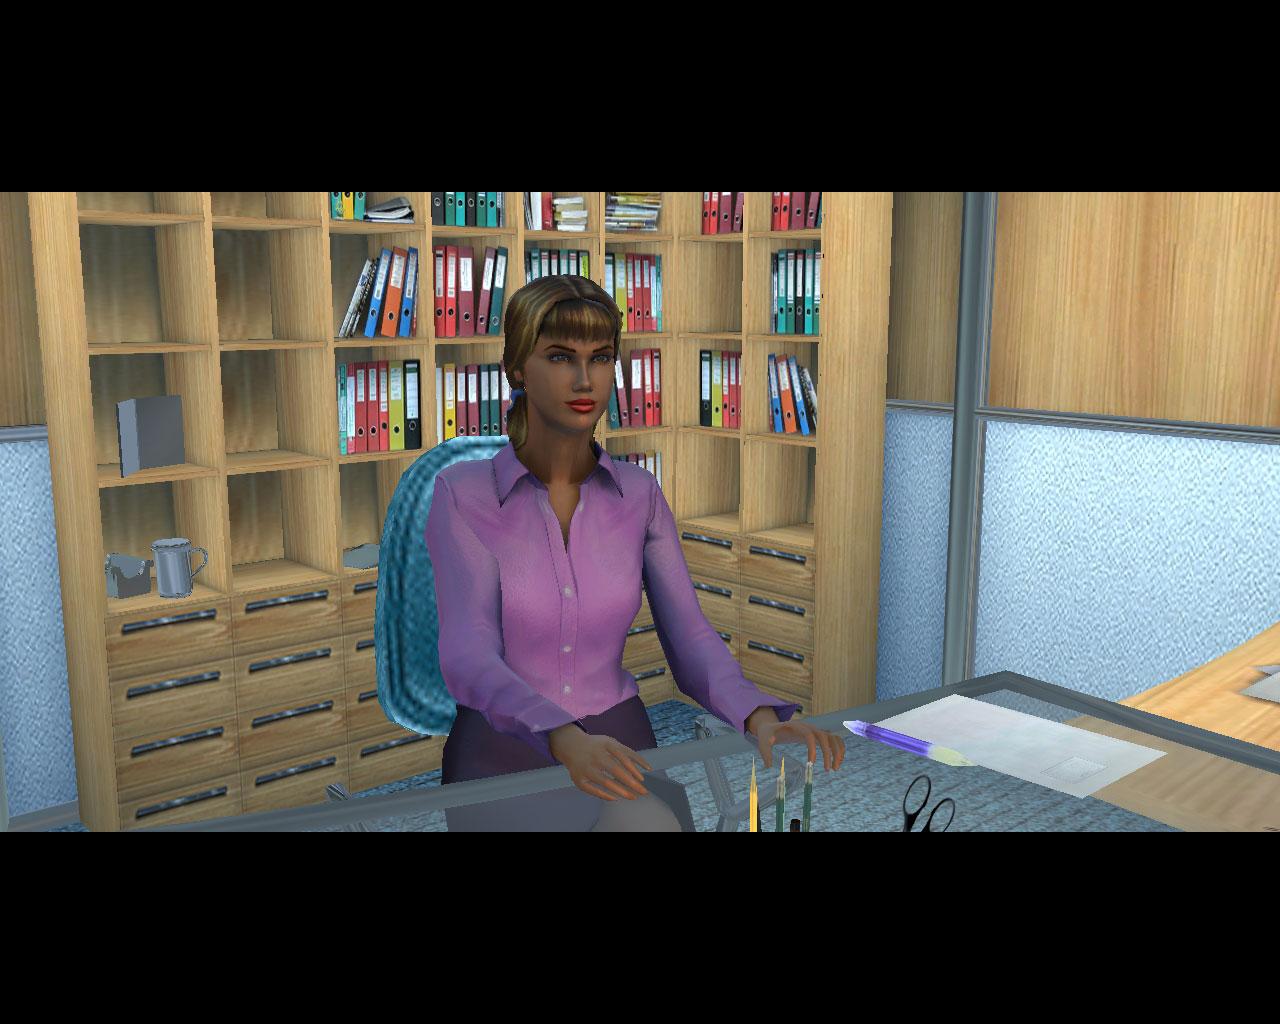 секретарши фото шлюхи